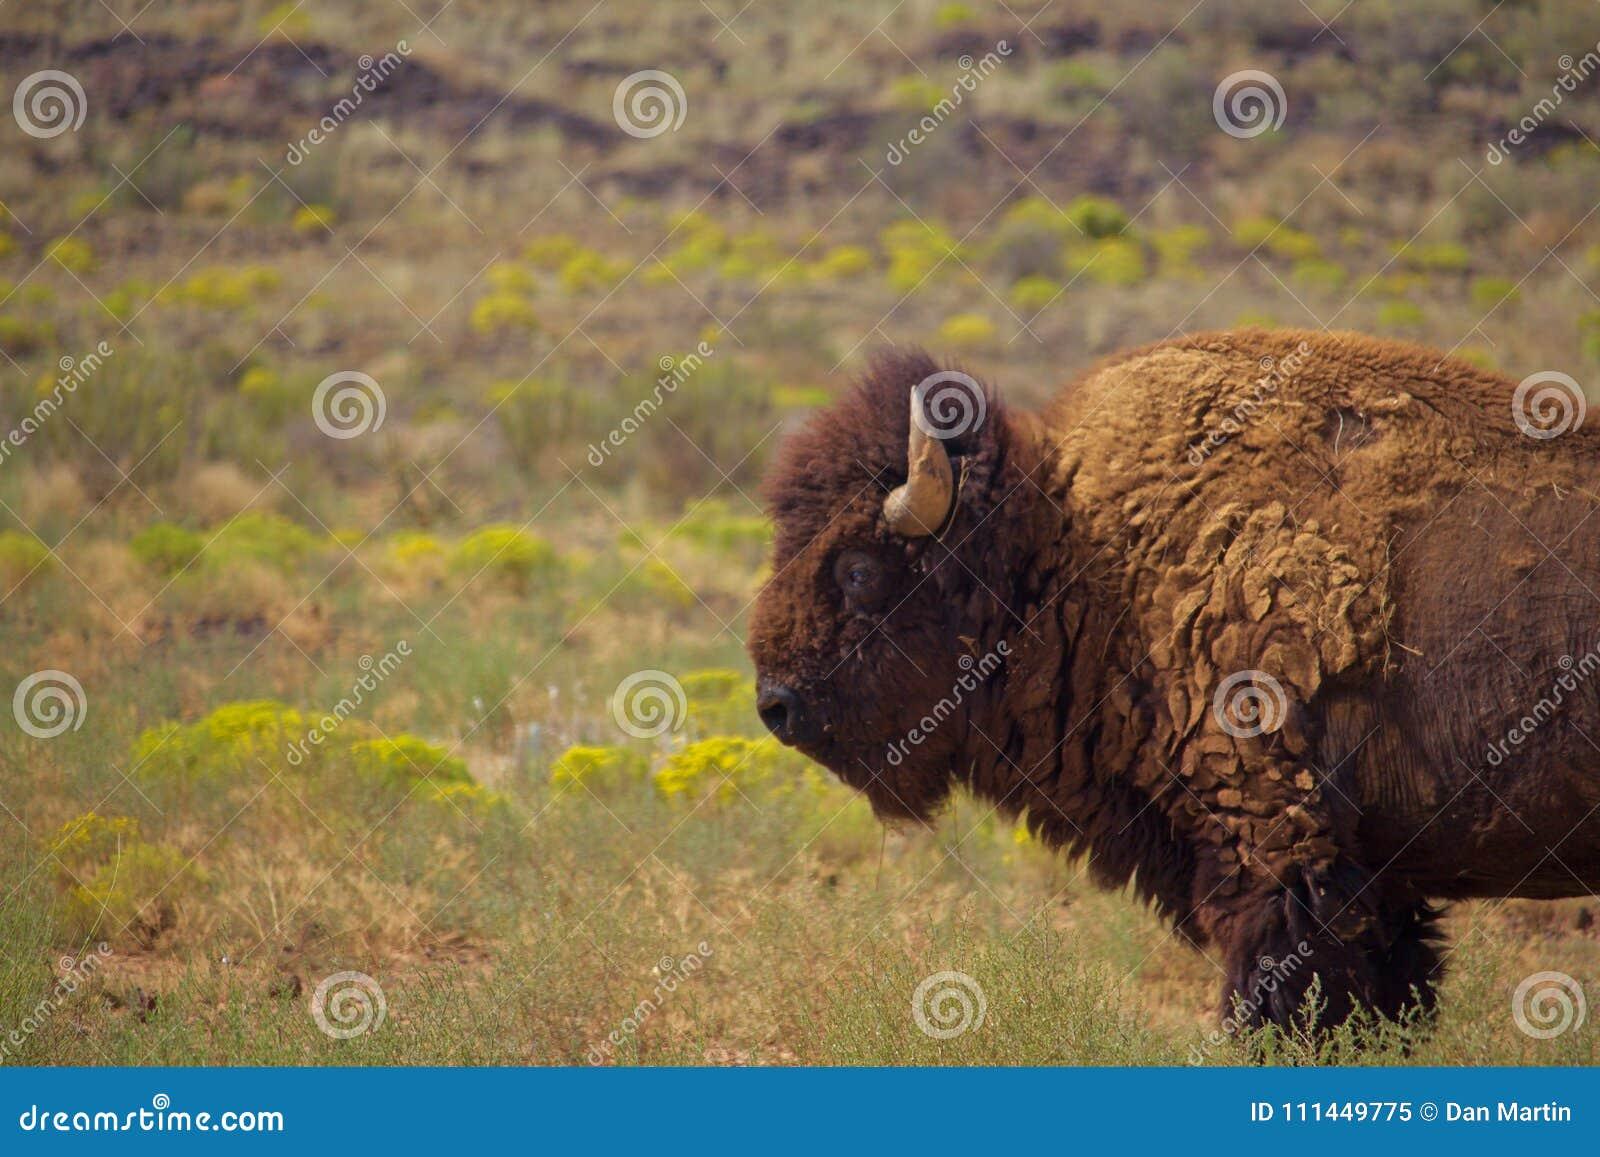 Ensam tjur Bison Stands i gräs